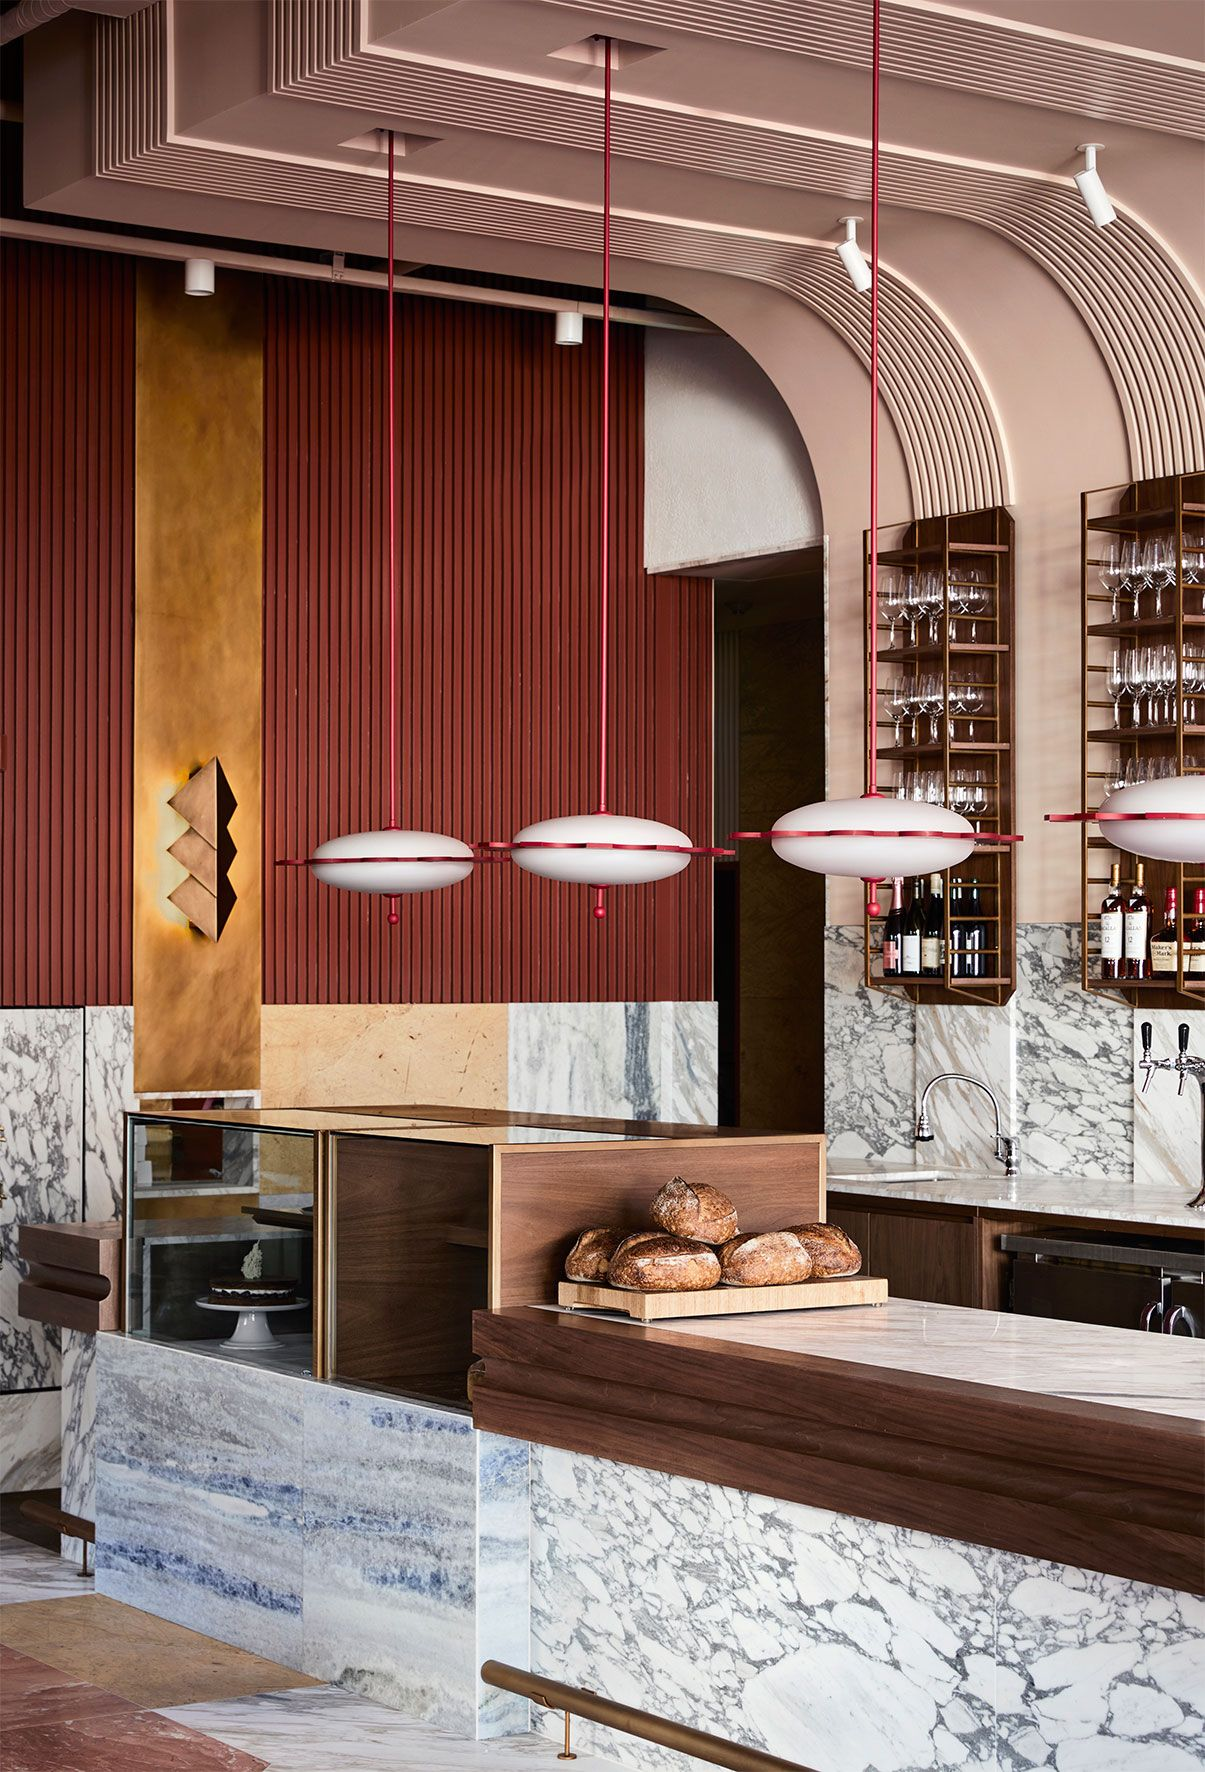 Caravan 2 0 Restaurant In Seoul By Flack Studio Yellowtrace Restaurant Interior Design Restaurant Design Commercial Interior Design